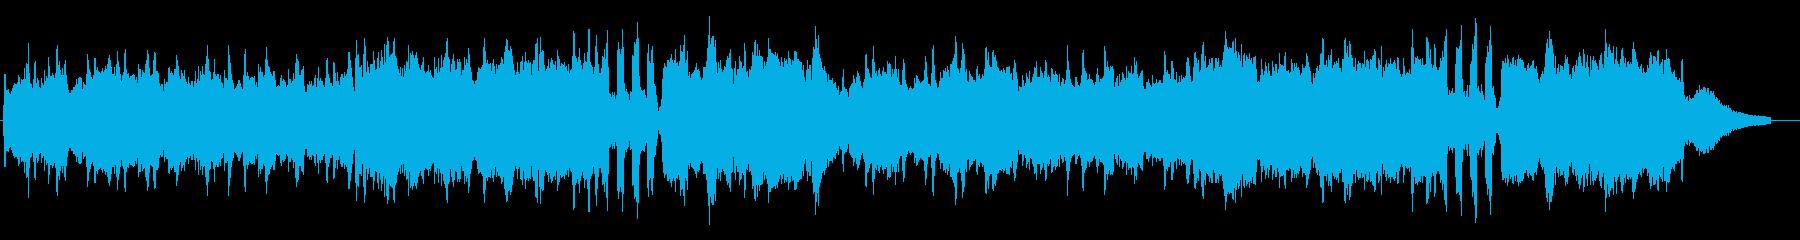 爽やかな自然をイメージしたストリングス曲の再生済みの波形